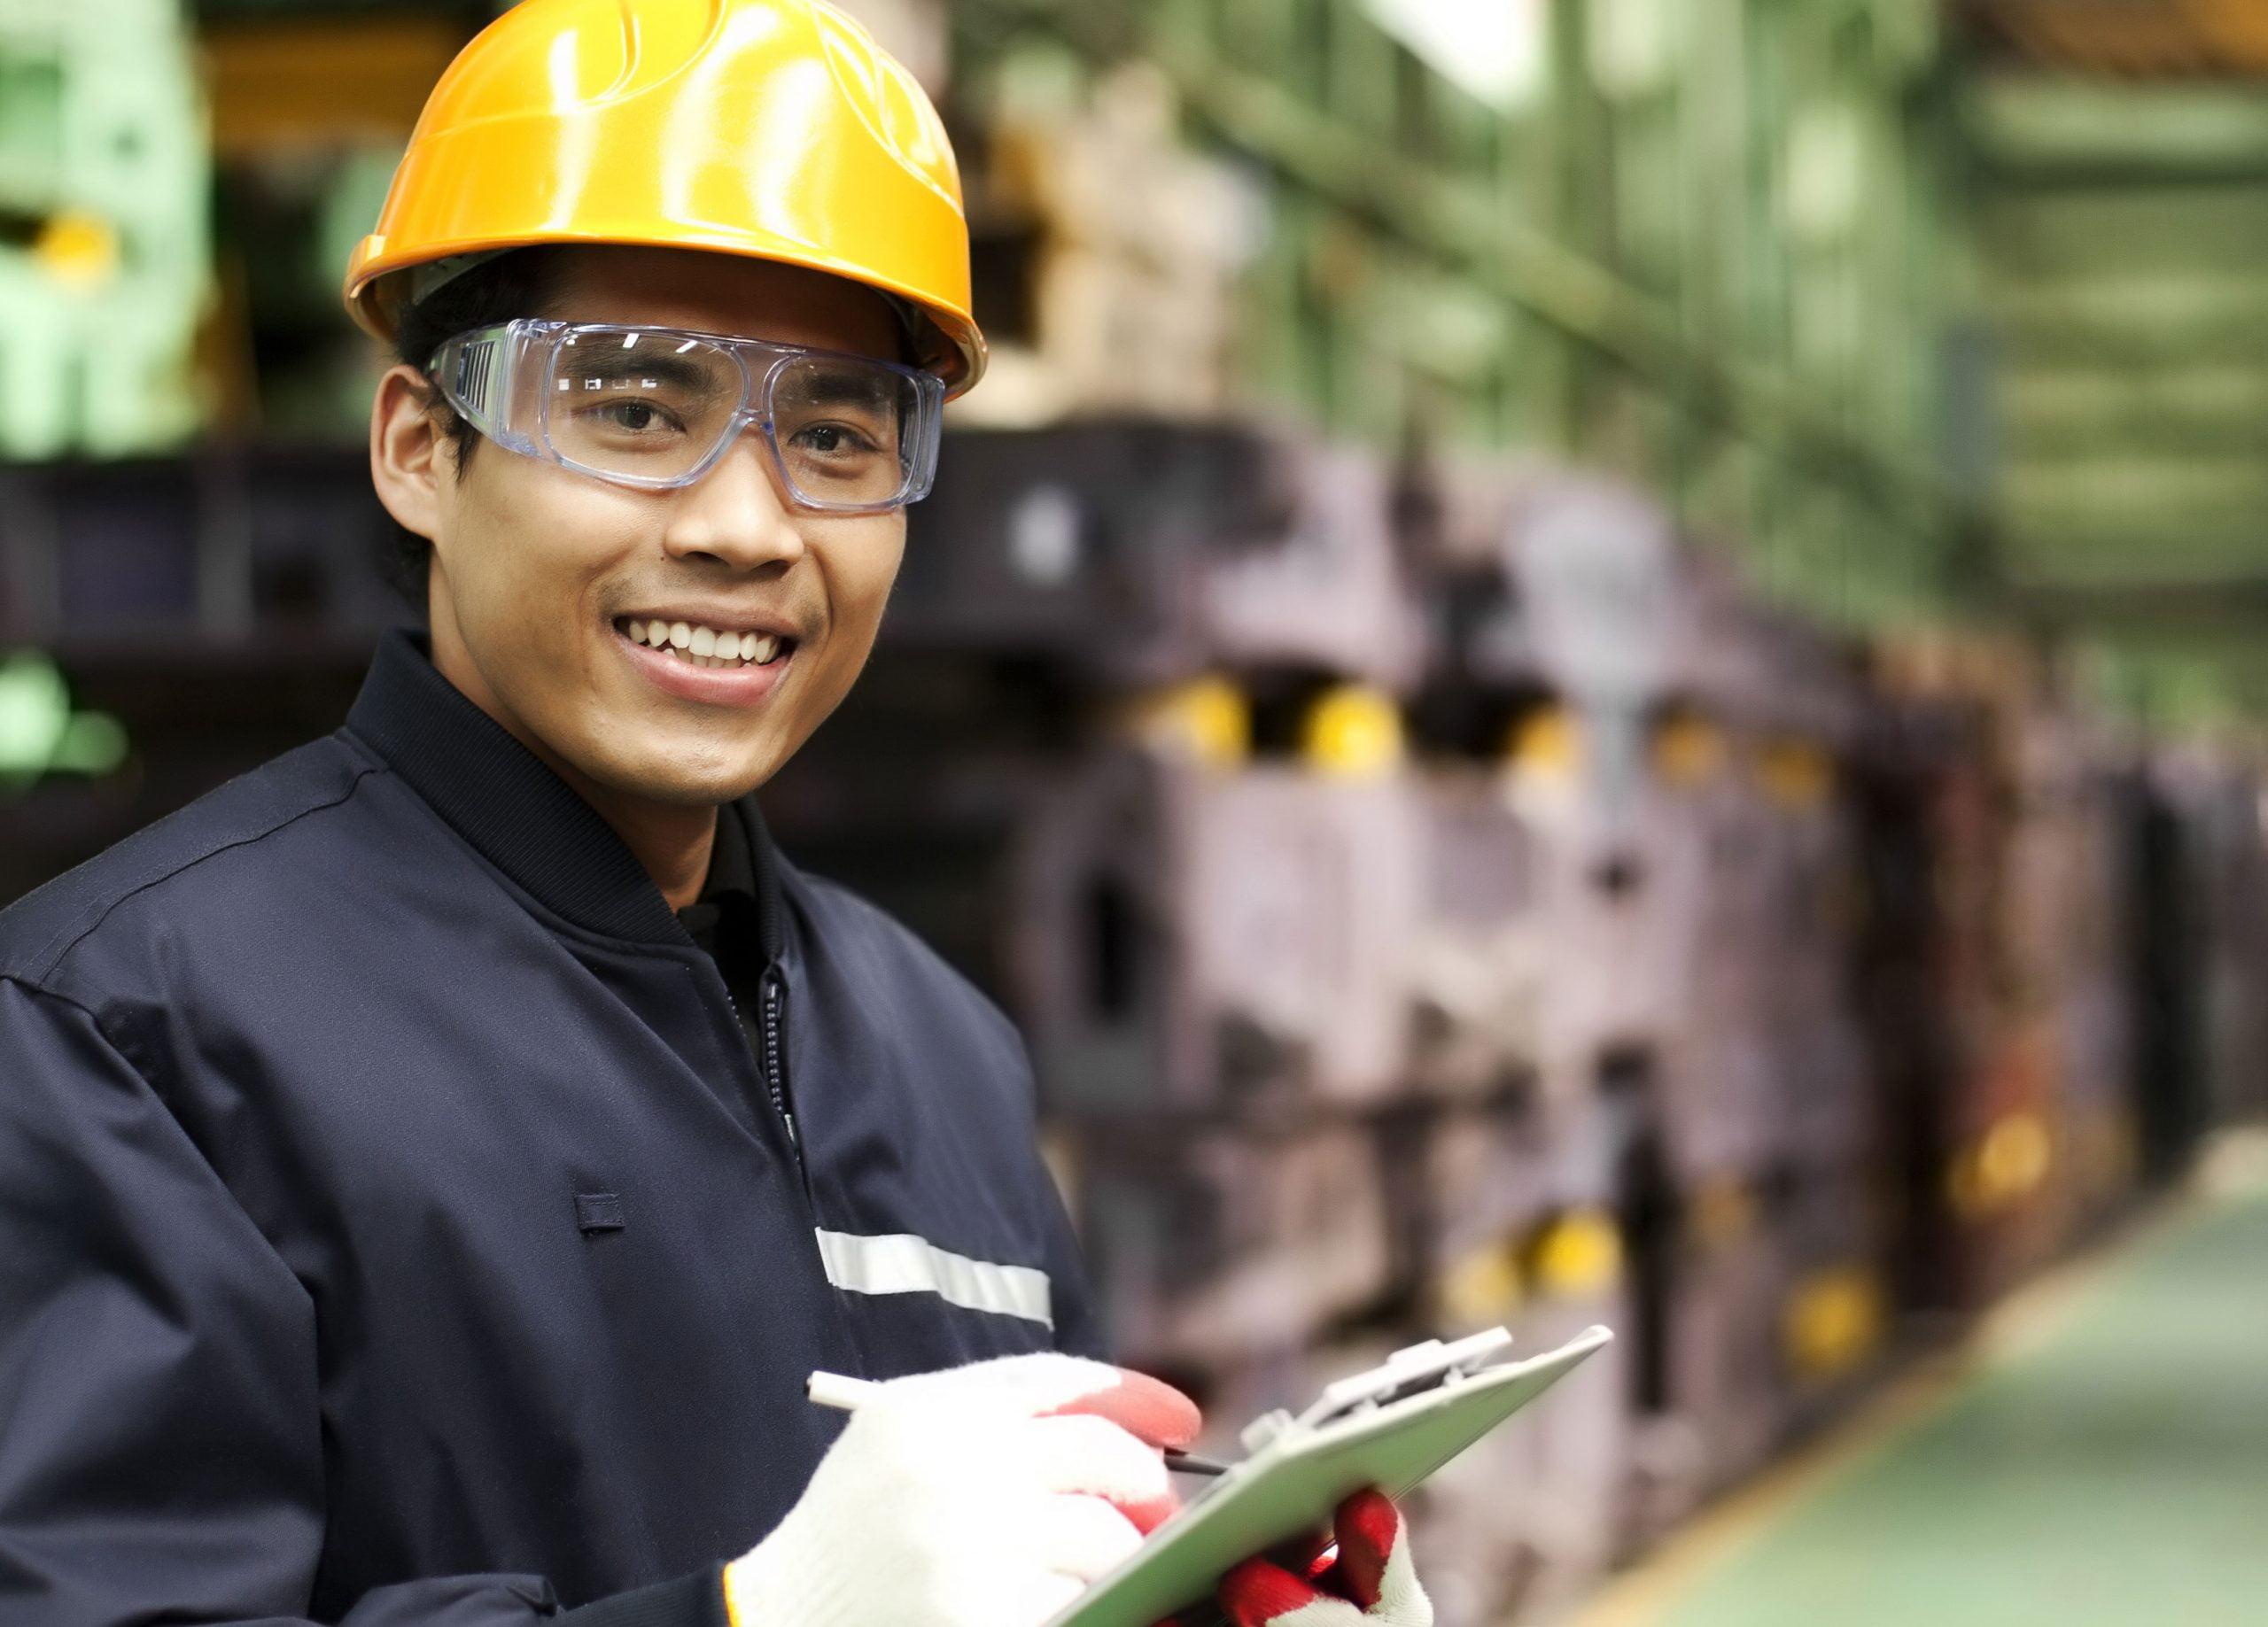 İş Güvenliği Yenileme Eğitimi